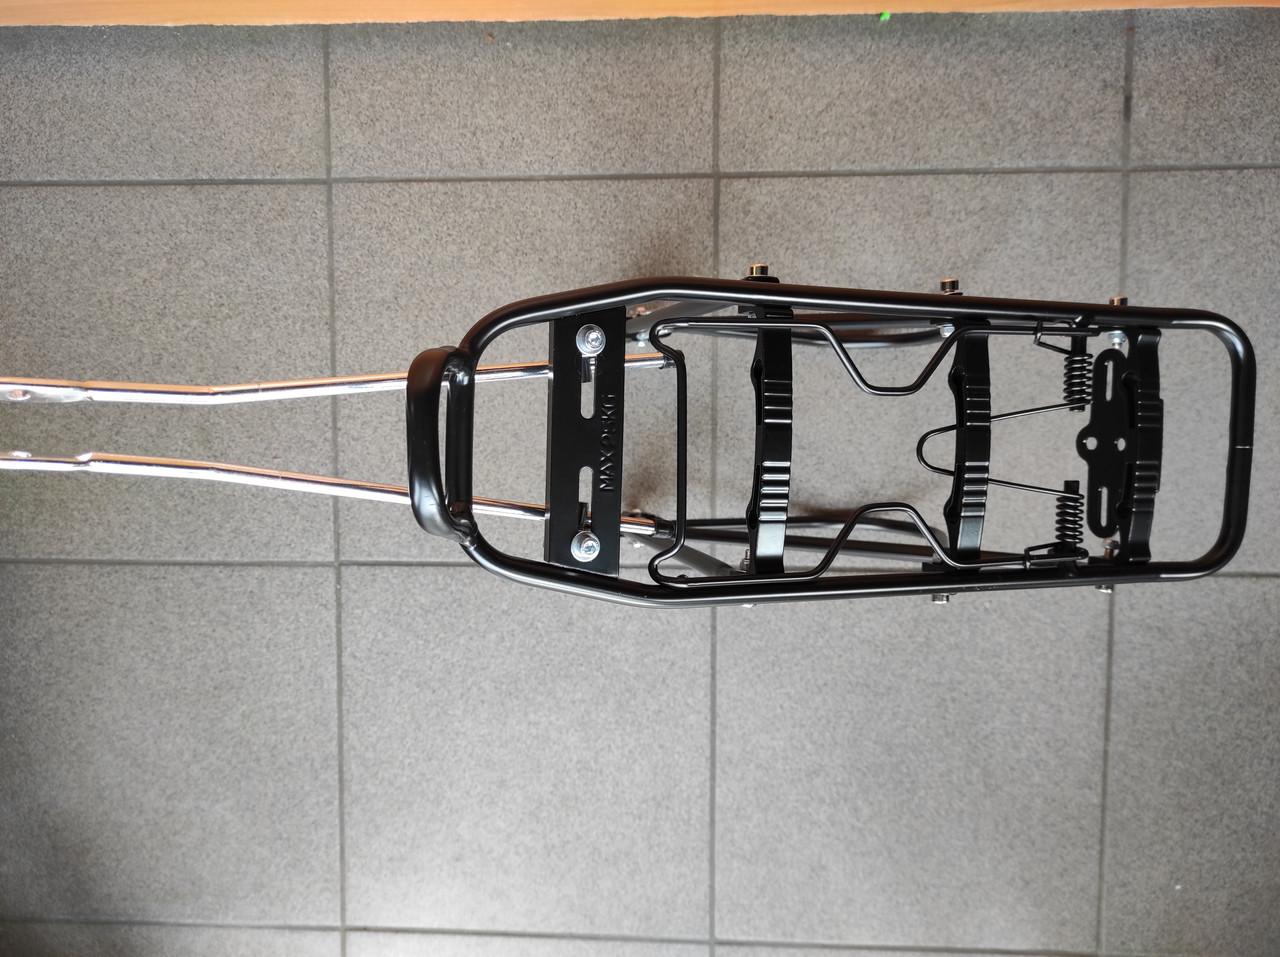 Багажник алюминиевый универсальный